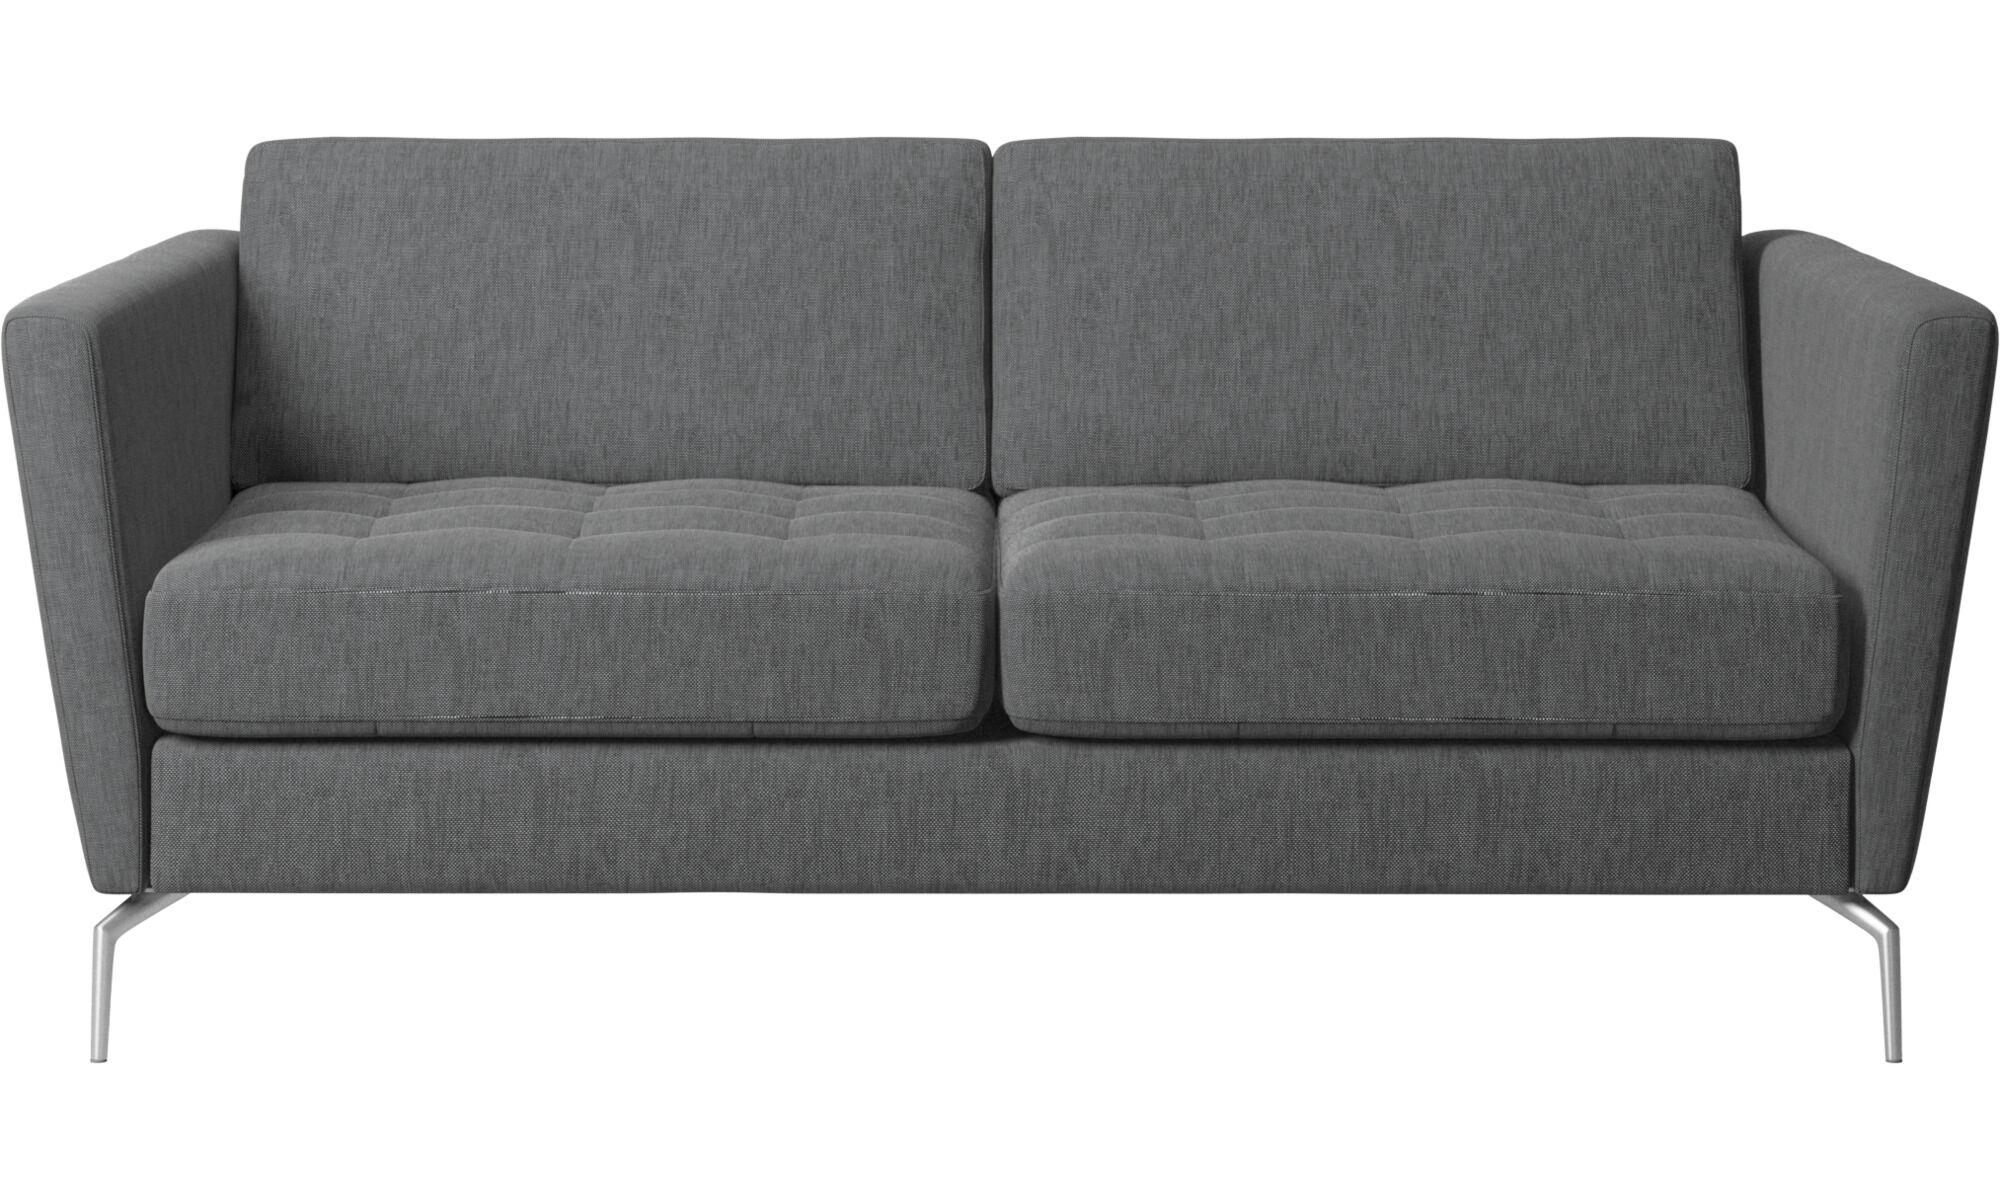 Unsere Neuheiten   Osaka Sofa, Getuftete Sitzfläche   Grau   Stoff